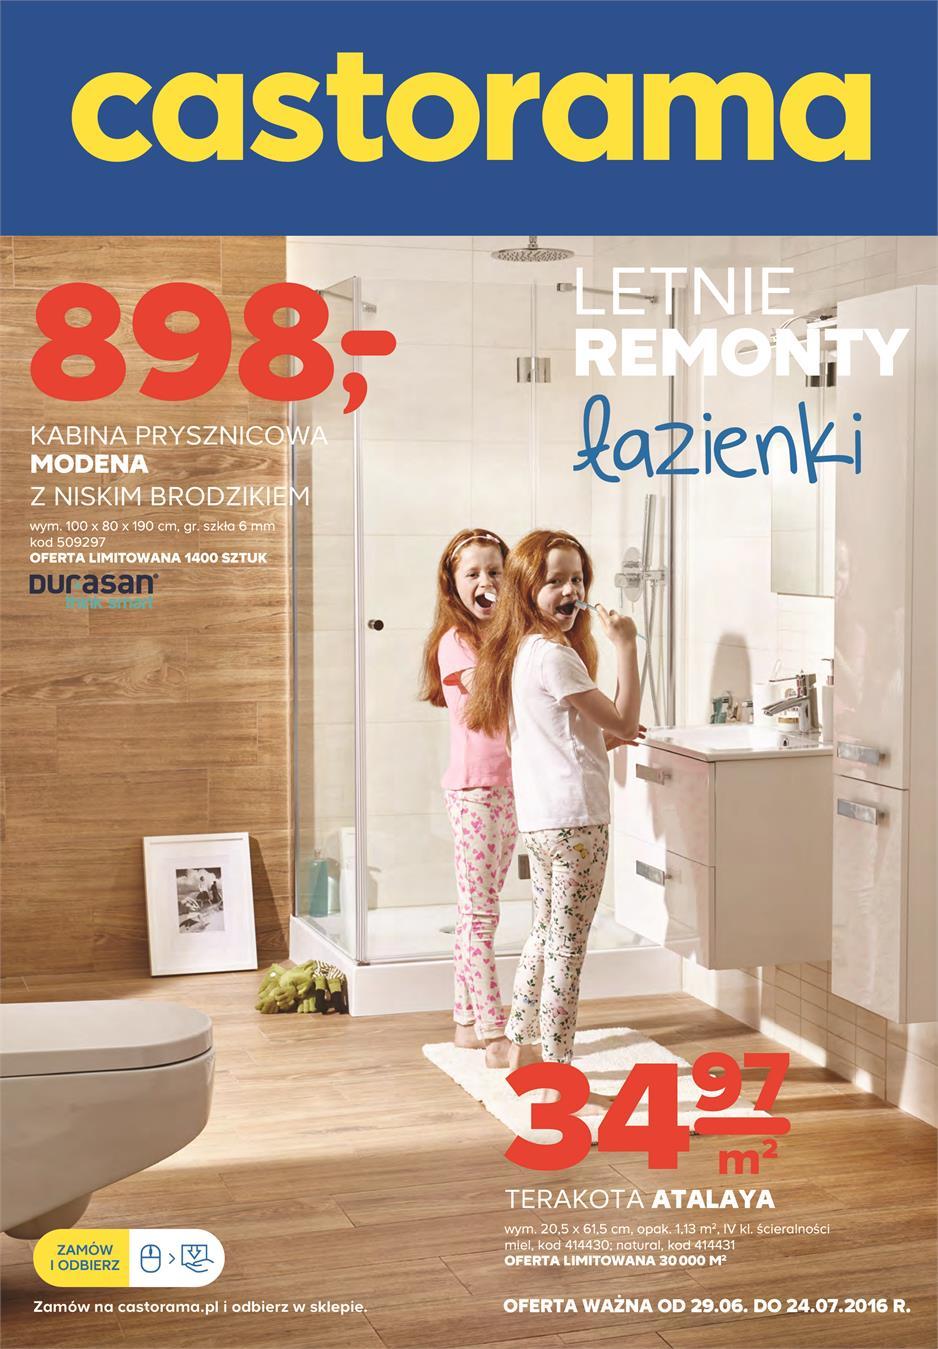 Gazetka Promocyjna Castoramapl Letnie Remonty łazienki